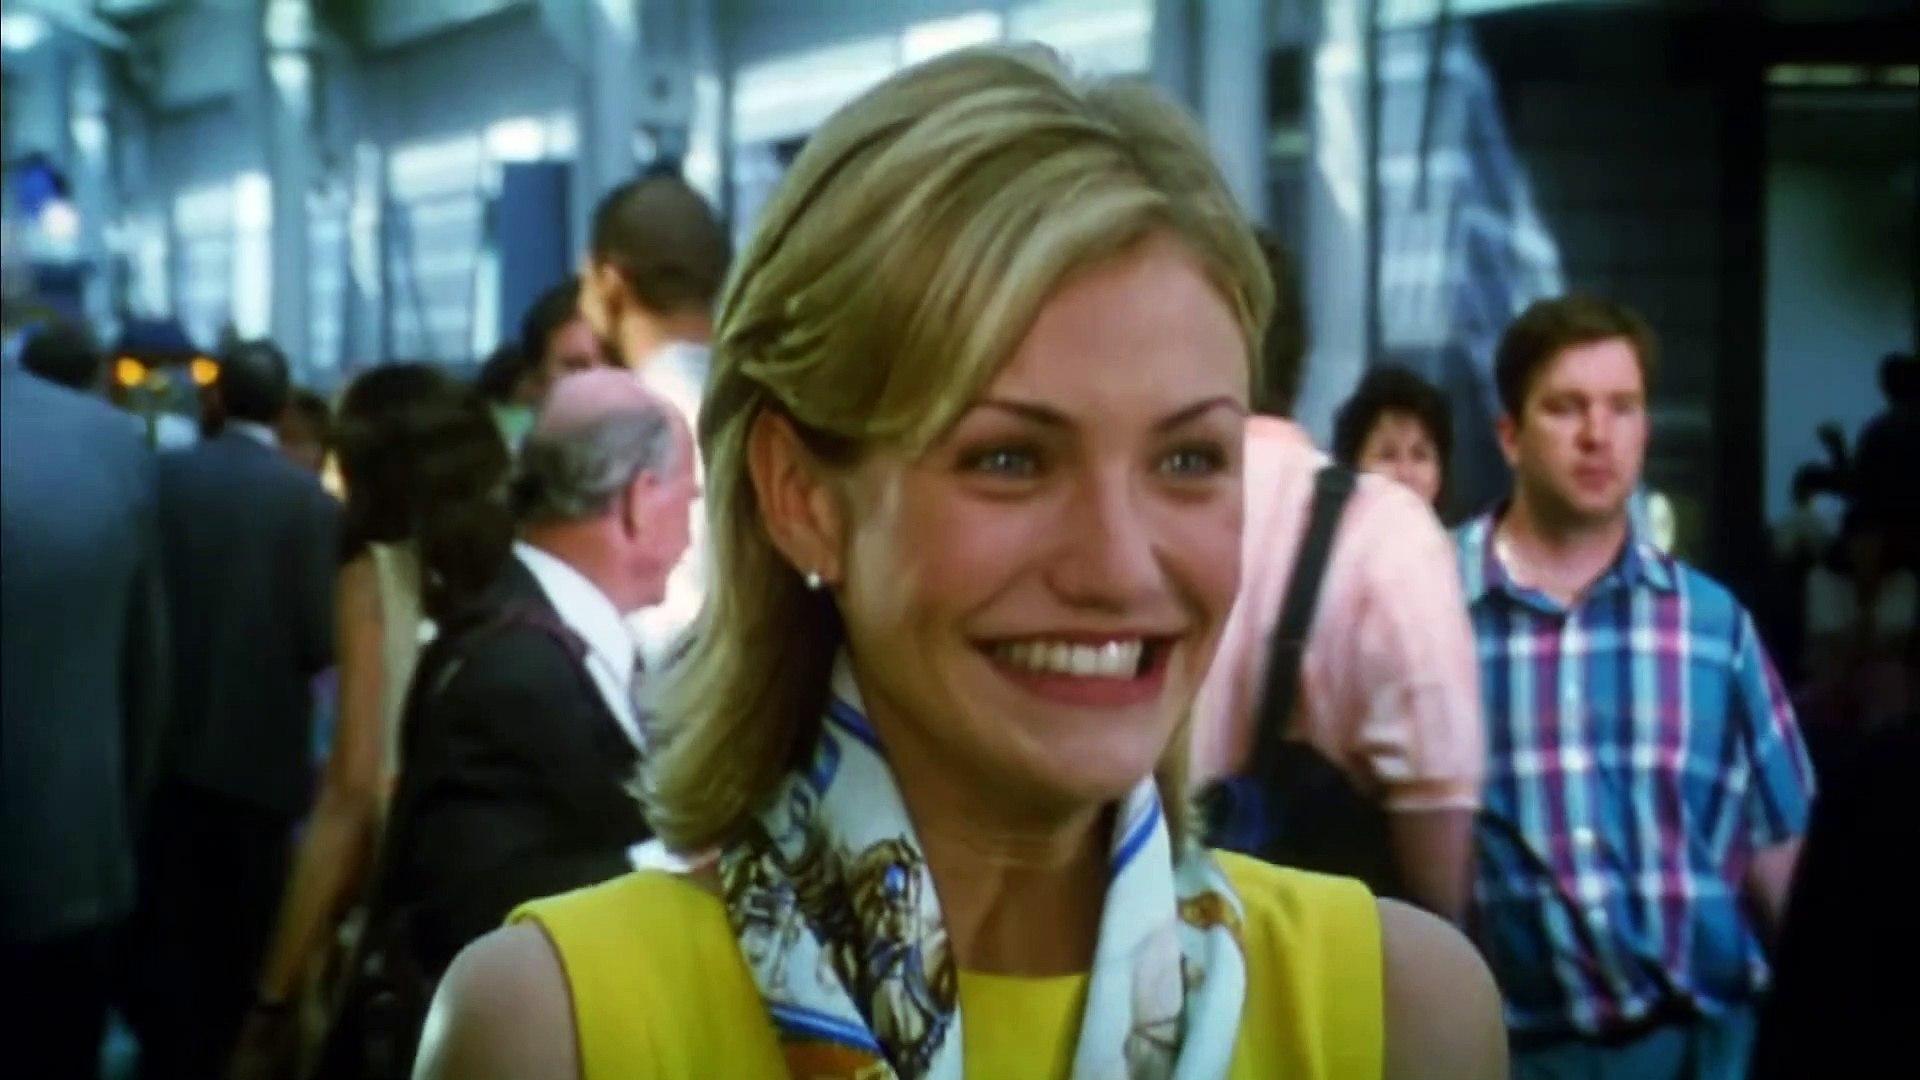 My Best Friend's Wedding Movie (1997) - Julia Roberts, Dermot Mulroney, Cameron Diaz